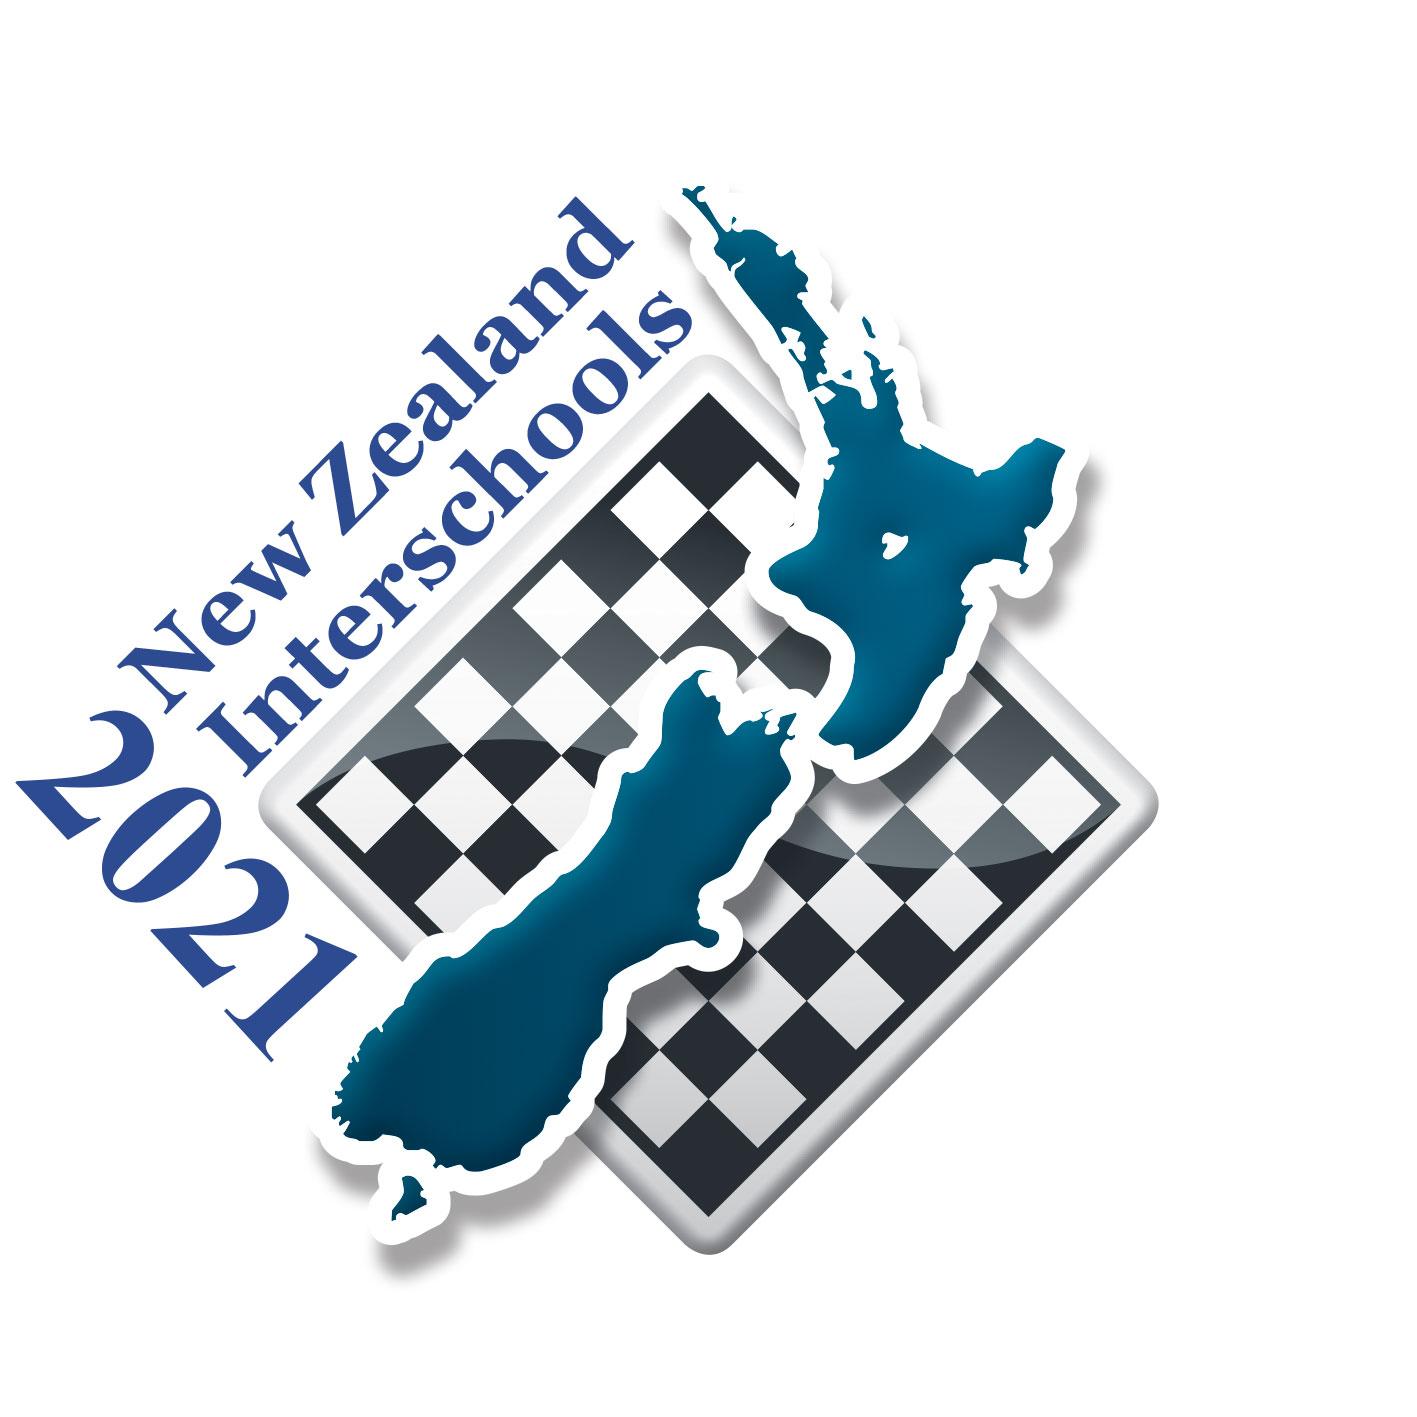 NZCF Interschools 2021 logo